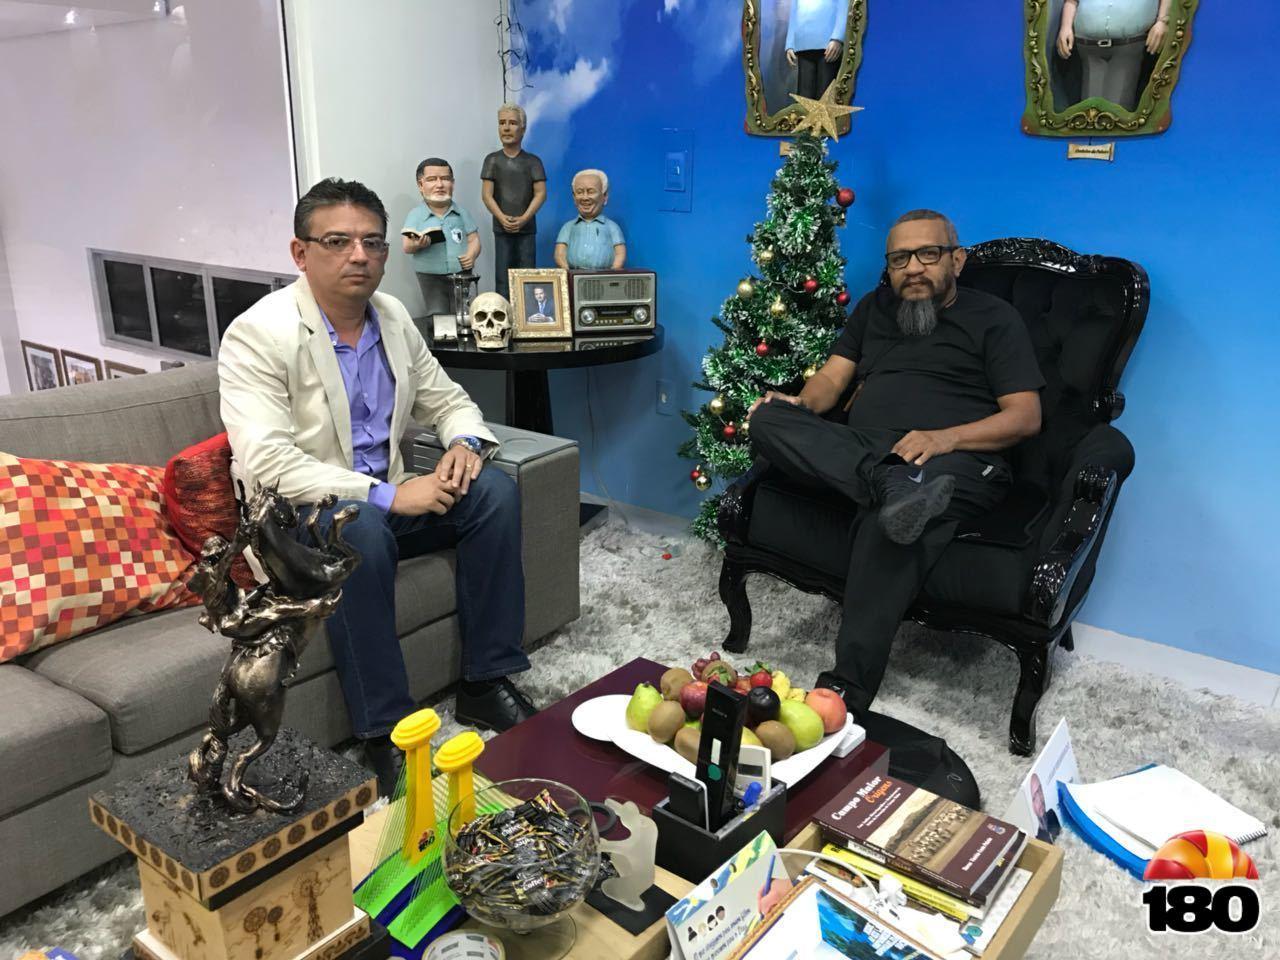 Secretário de Transportes Gulhermano Pires e Dr Helder Eugênio, diretor-geral do 180